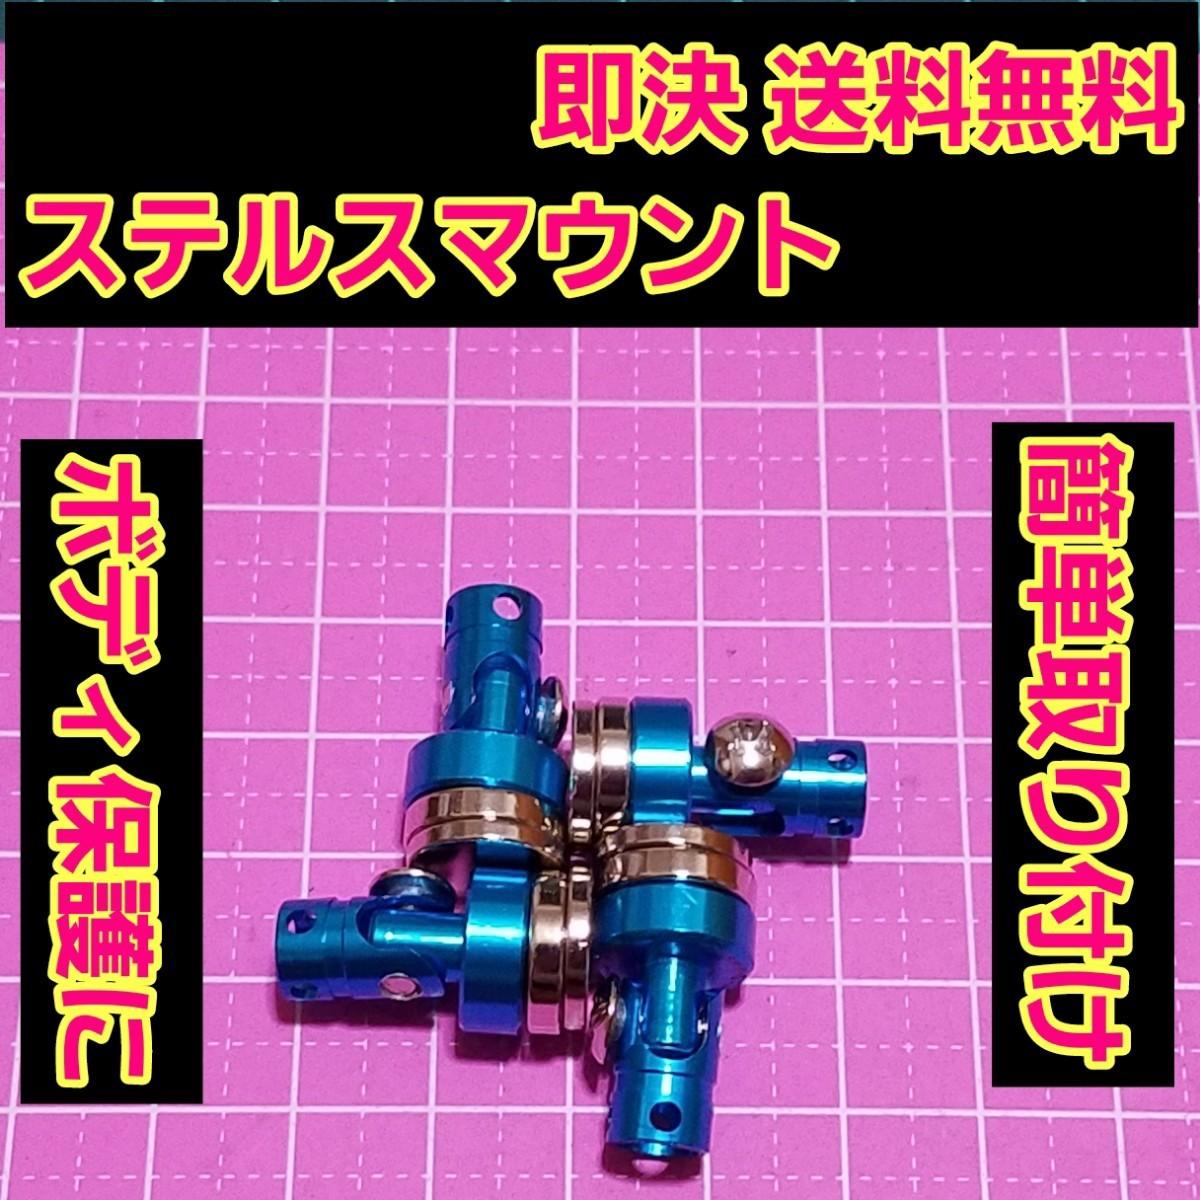 ステルス ボディ マウント 青  ラジコン ドリパケ TT01 YD-2 ボディ